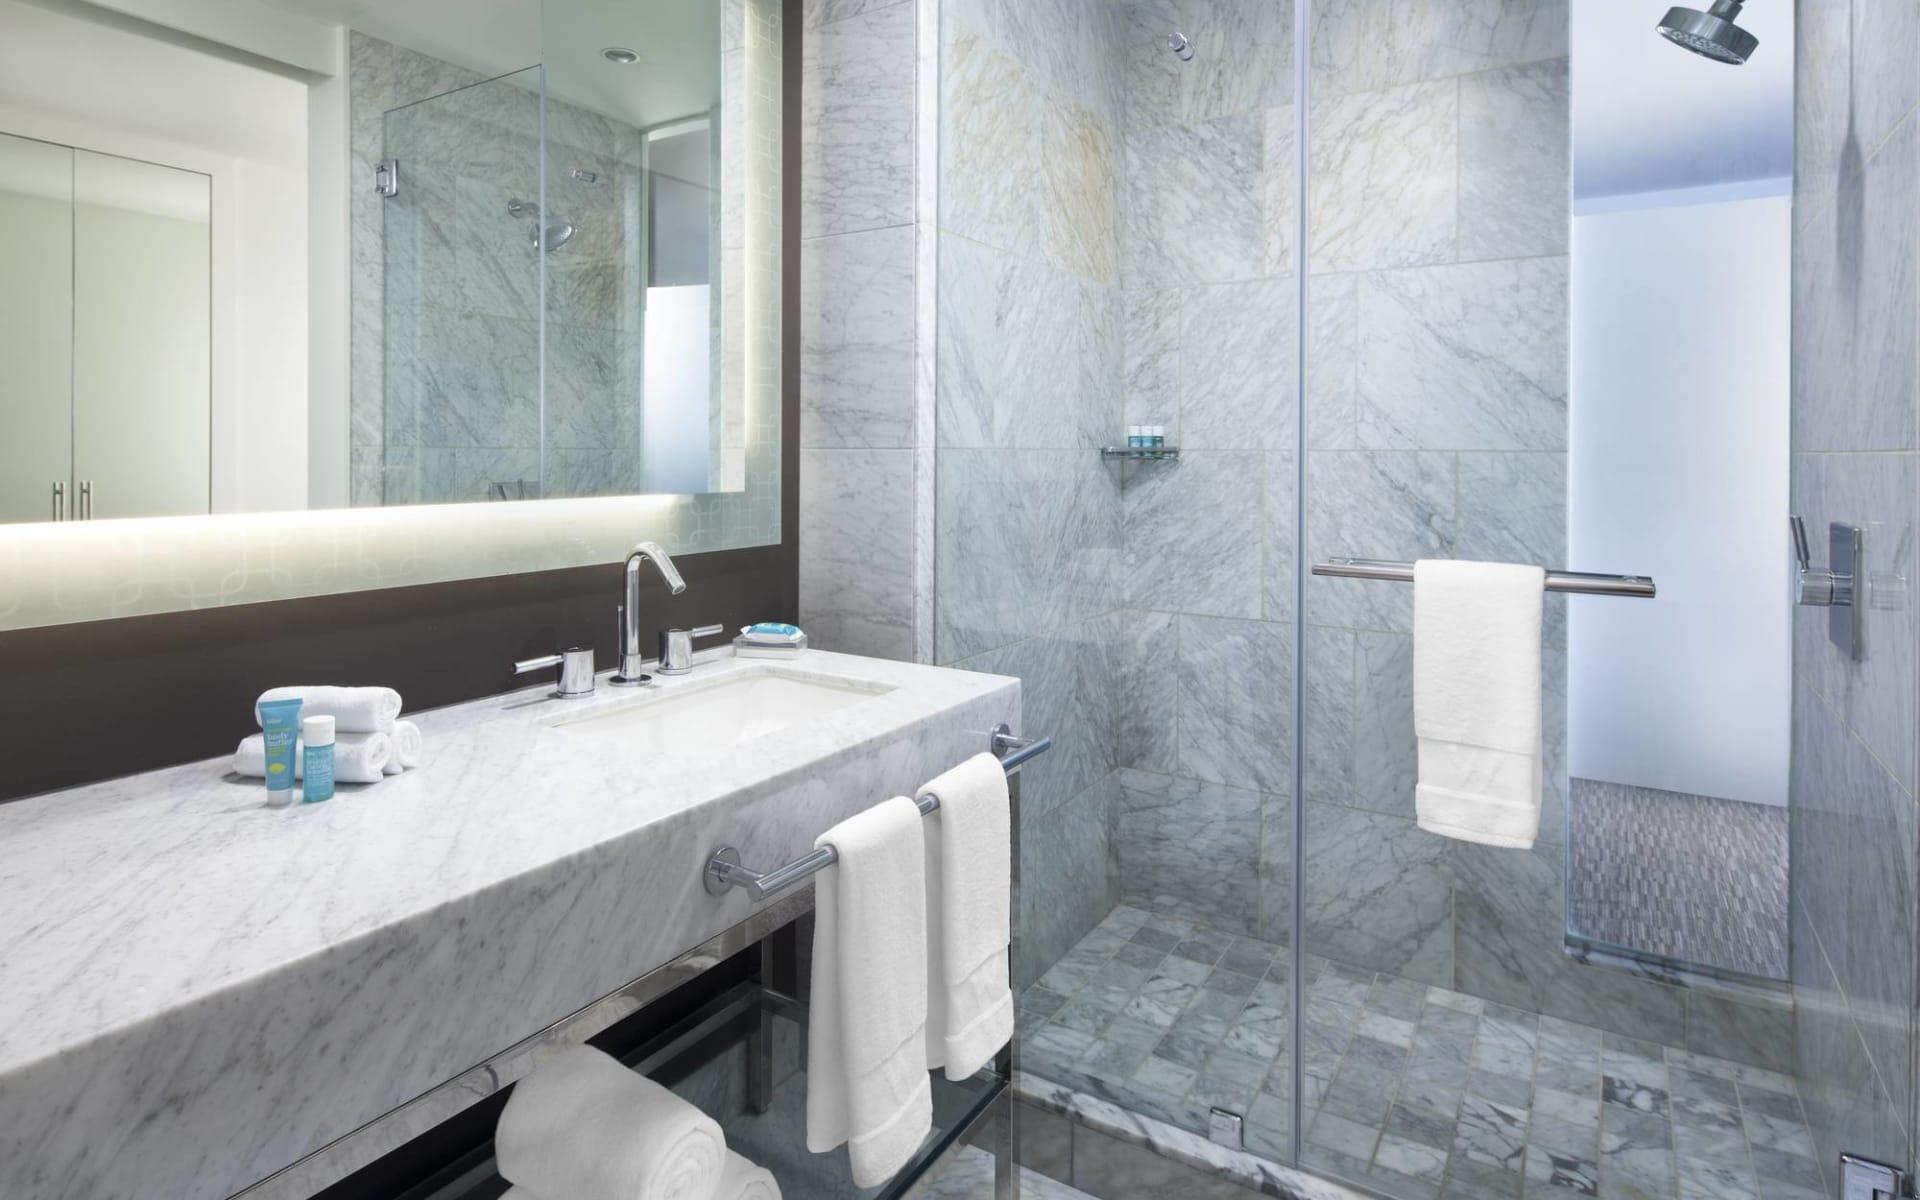 W Hollywood:  W hollywood - Guest Bathroom